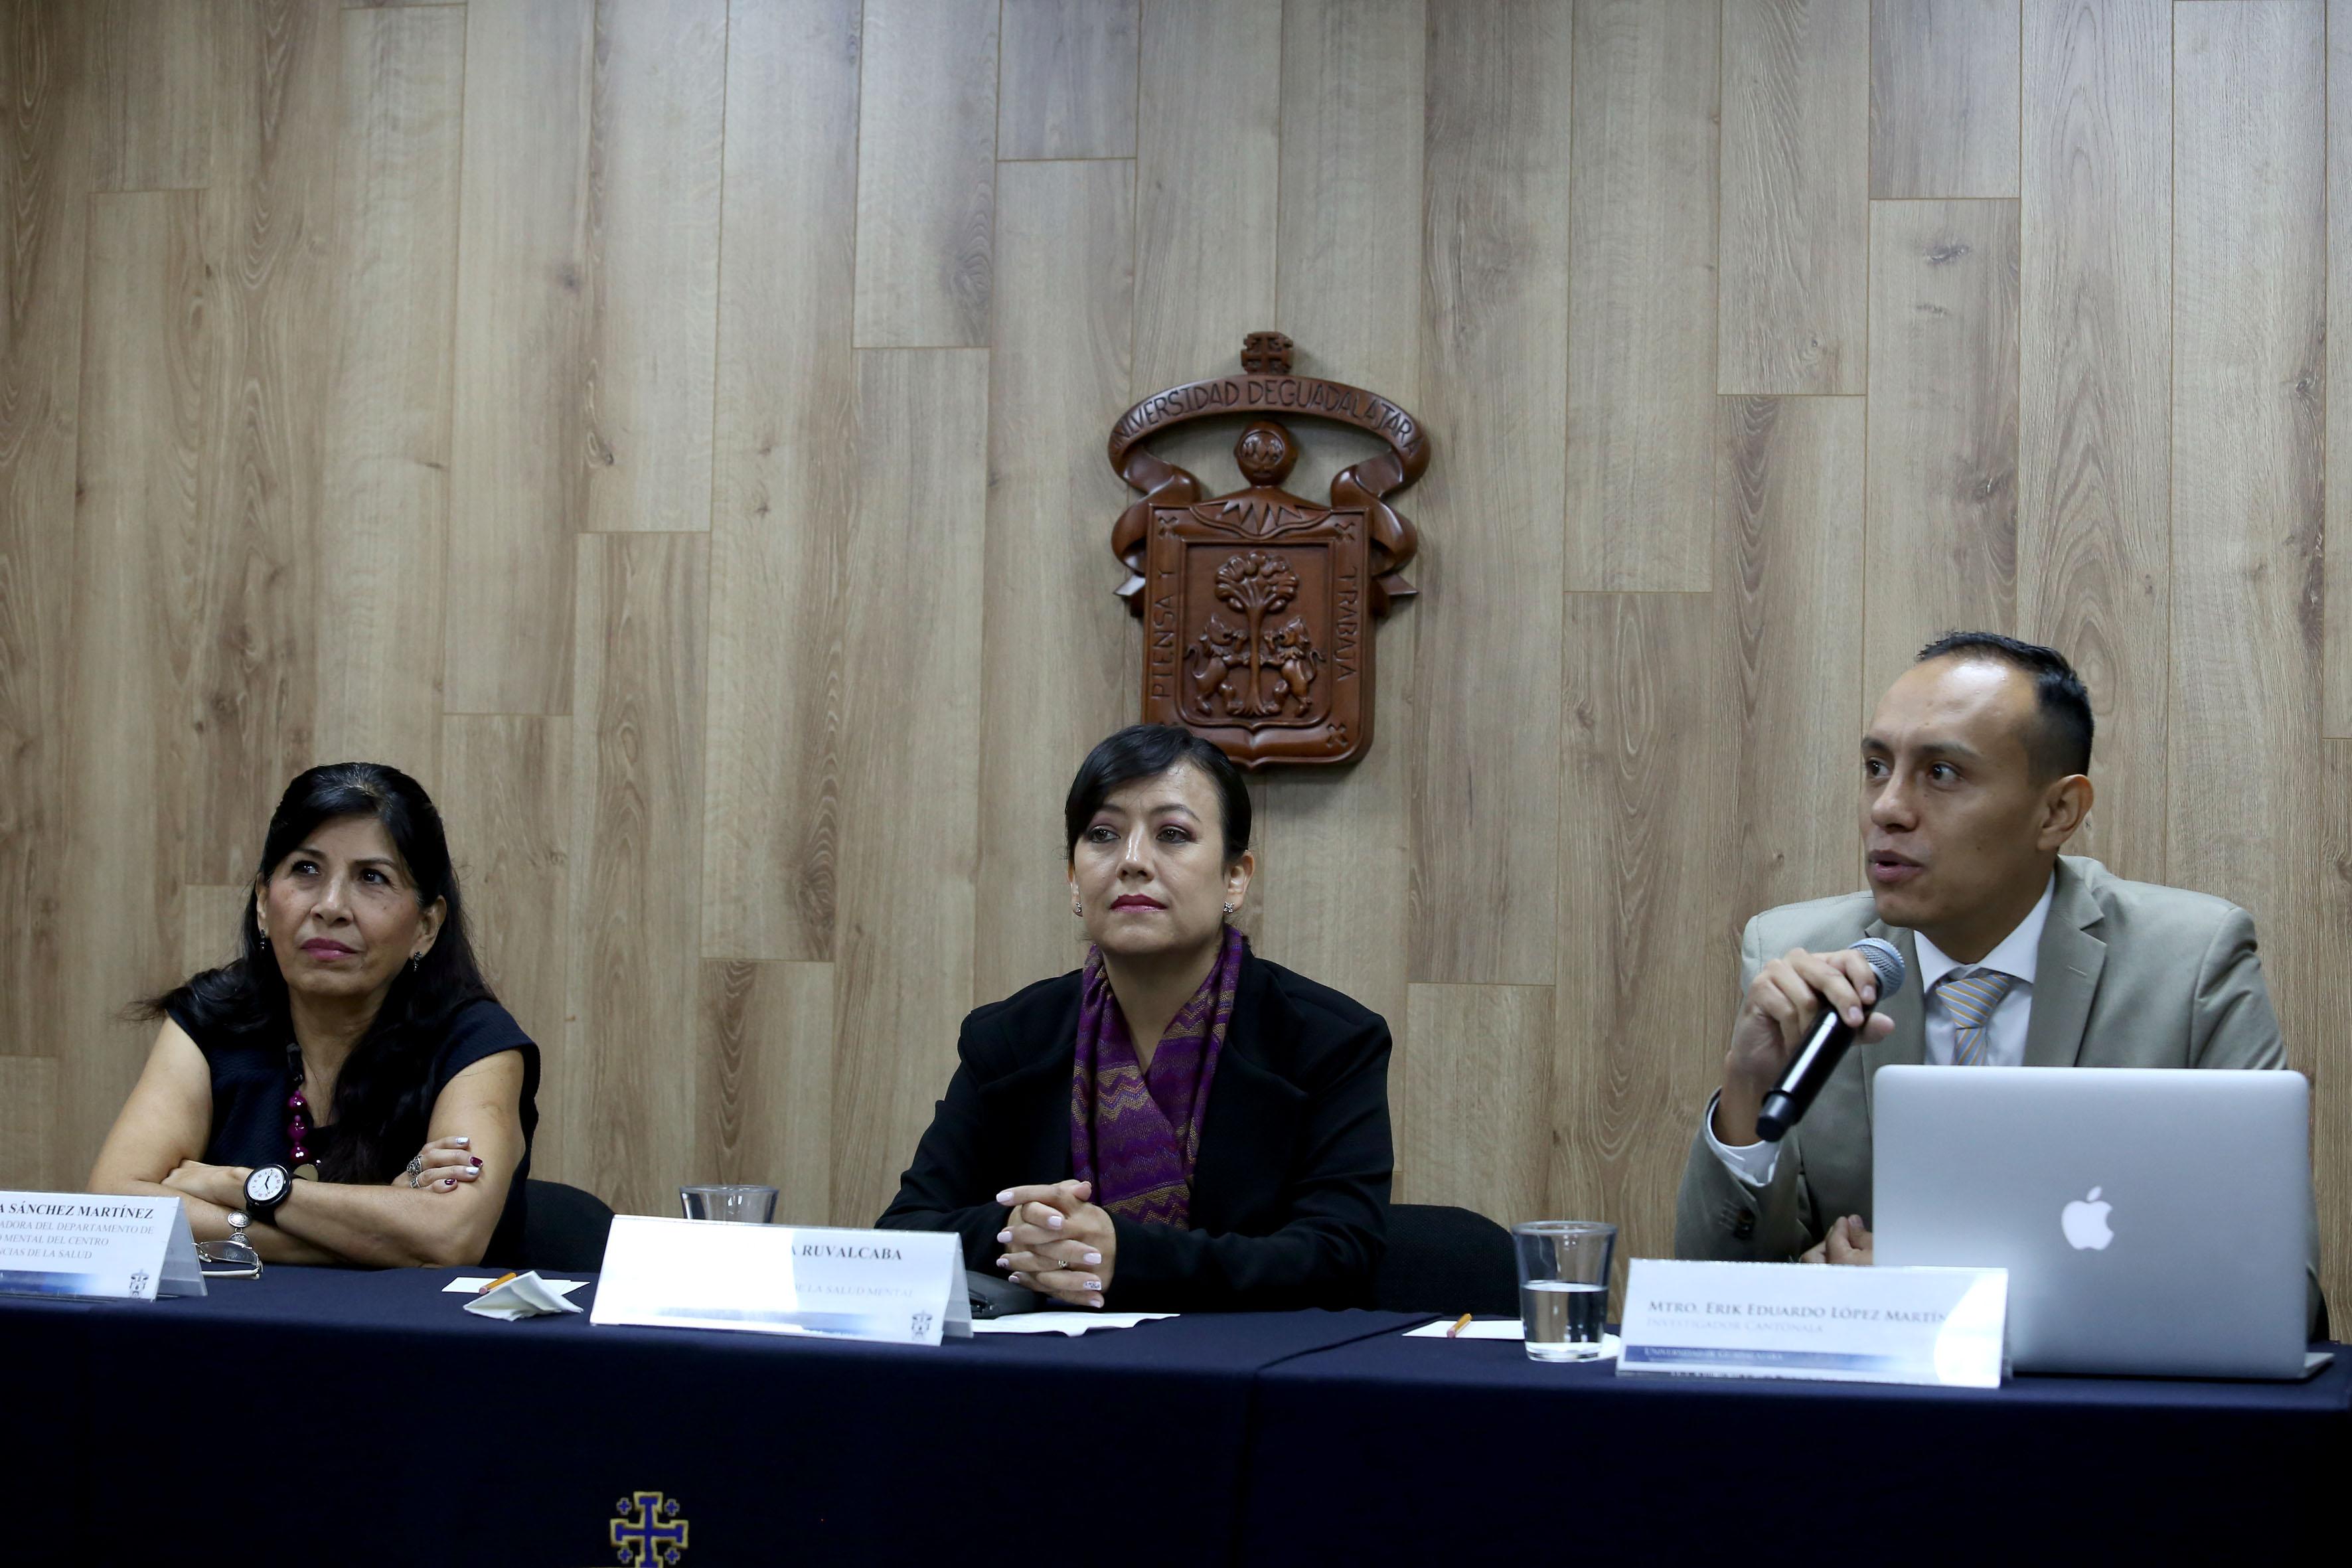 Presídium de rueda de prensa. Al micrófono el Dr. Erick López